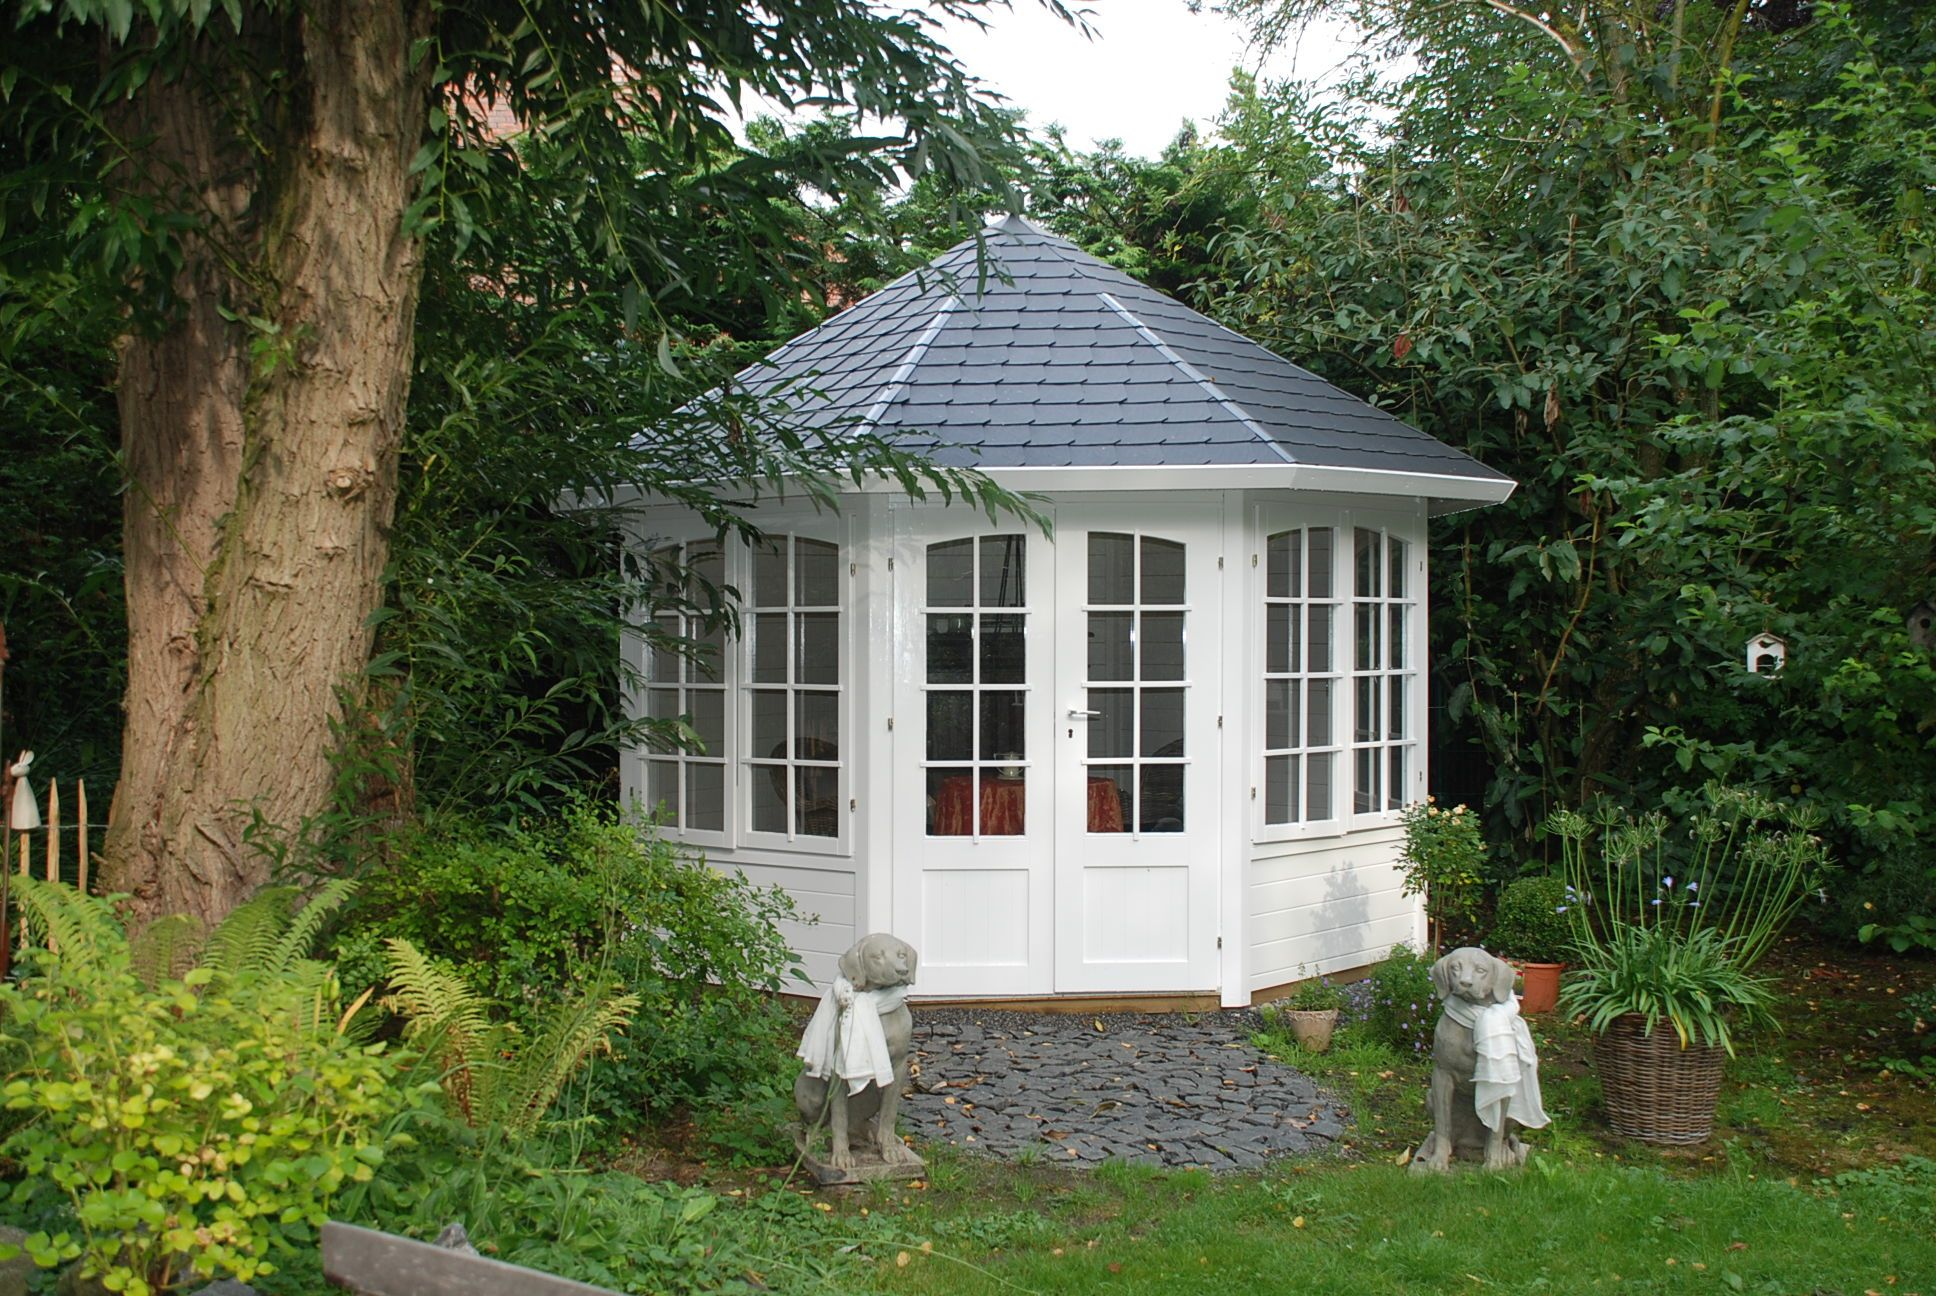 gartenhaus zum wohnen kaufen. Black Bedroom Furniture Sets. Home Design Ideas